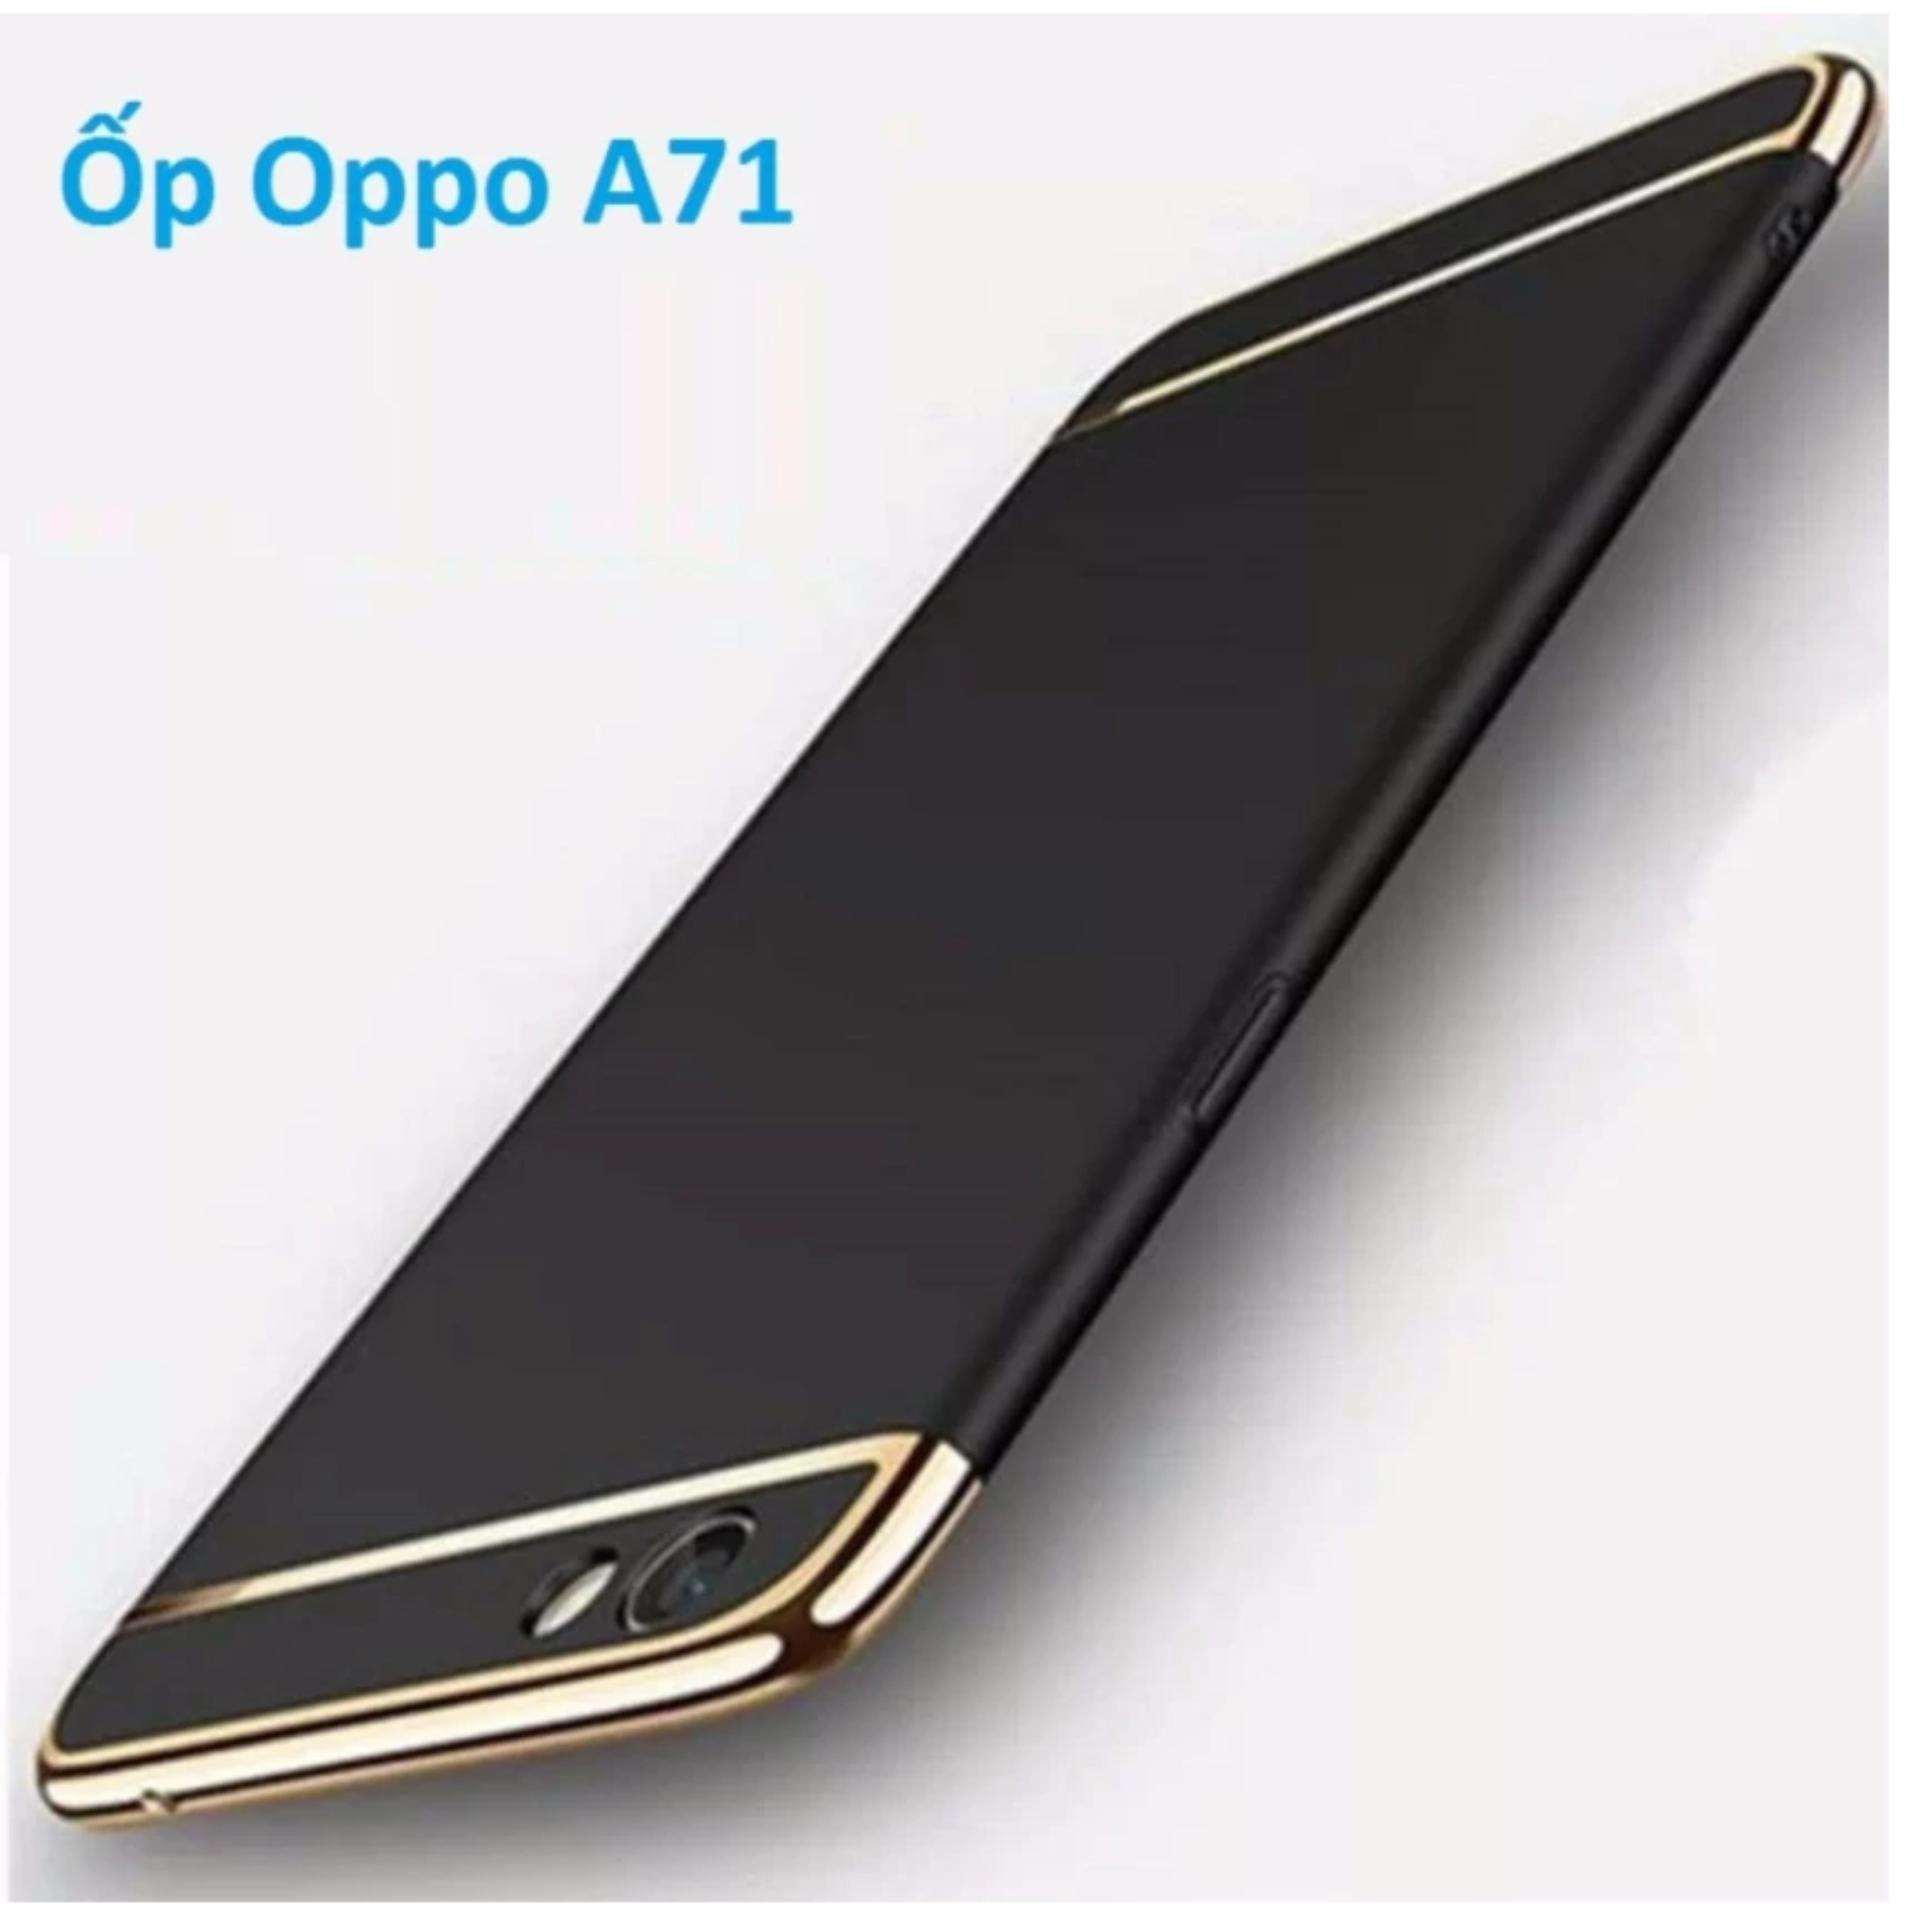 So sánh giá Ốp lưng 3 mảnh cho Oppo A71 Tại KTS